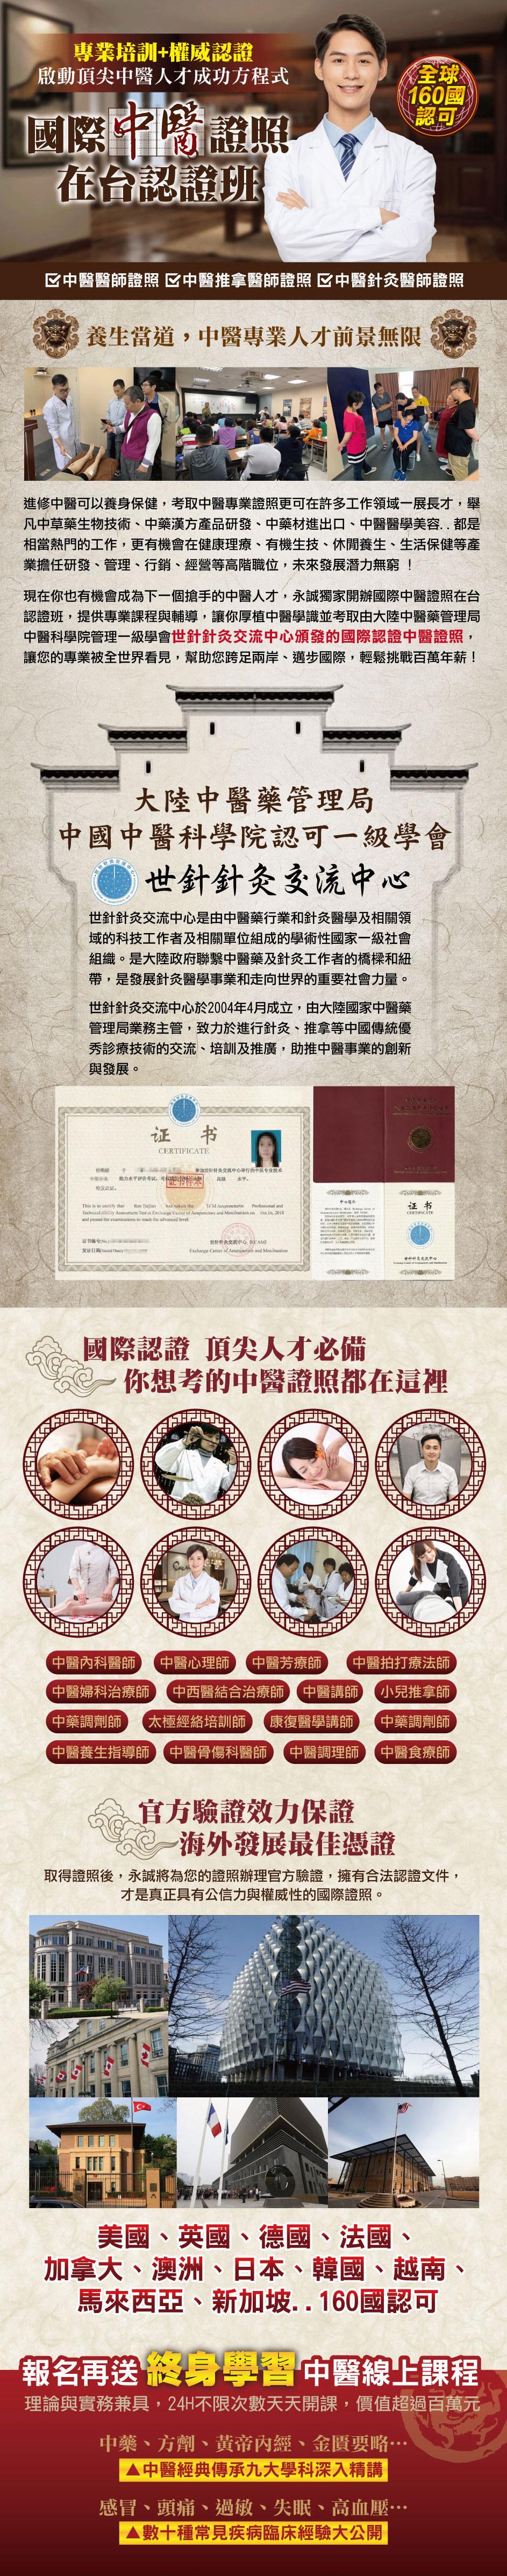 國際中醫證照在台認證班 - 專業培訓+權威認證,全球 160 國認可,啟動頂尖中醫人才成功方程式!